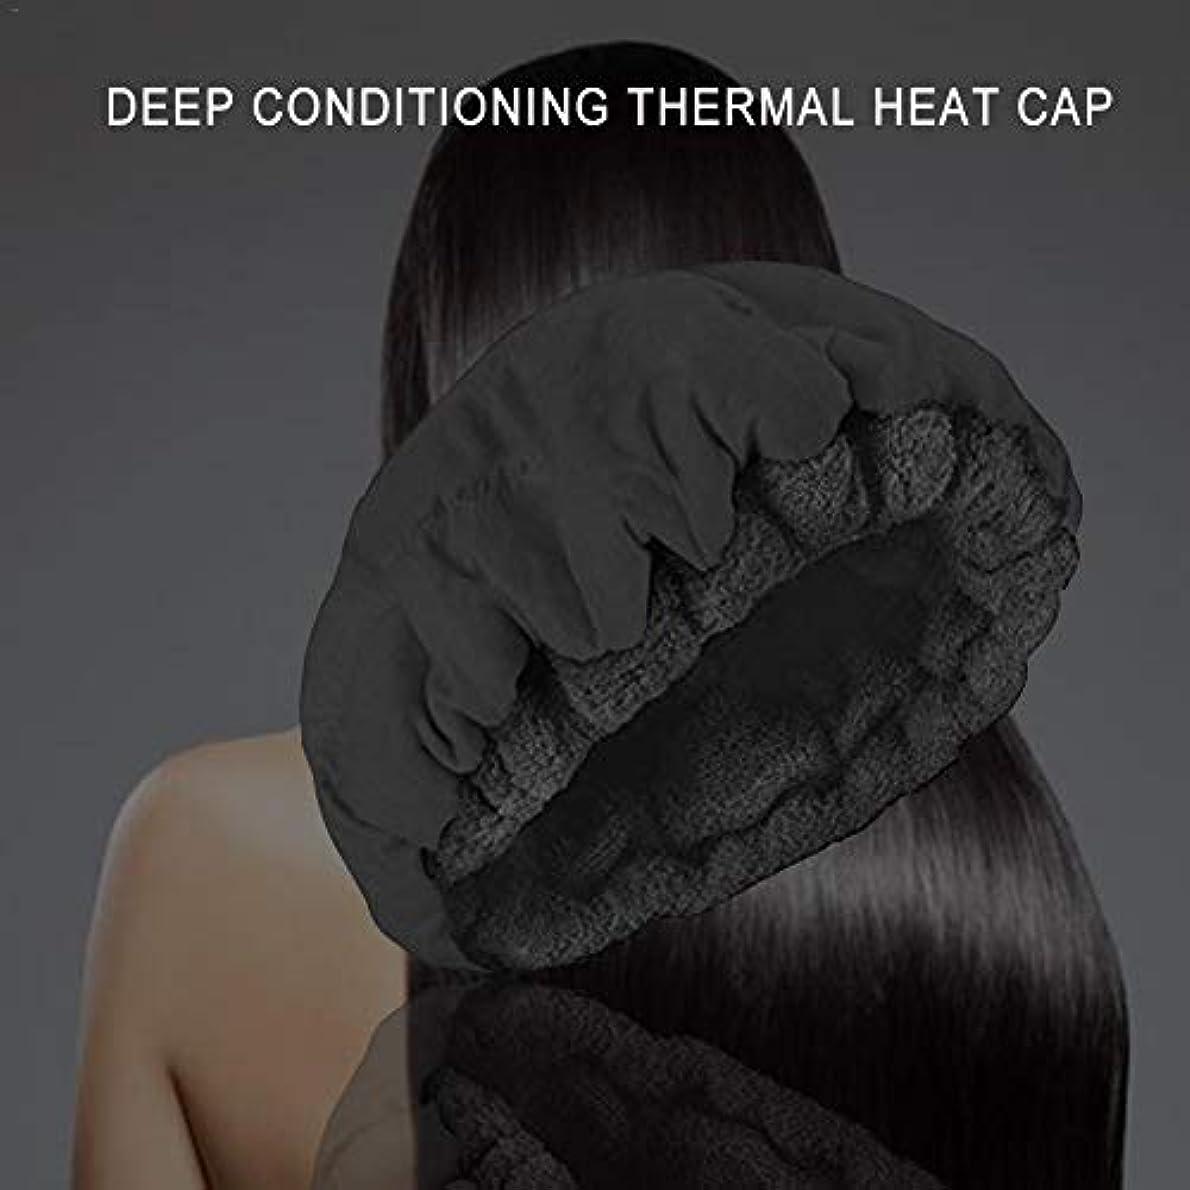 現代の陰謀予測ディープコンディショニングヒートキャップ、スチーム用コードレス電子レンジ対応ヒートキャップ、髪の熱療法、マイクロファイバーコットン、リバーシブル、亜麻仁インテリア